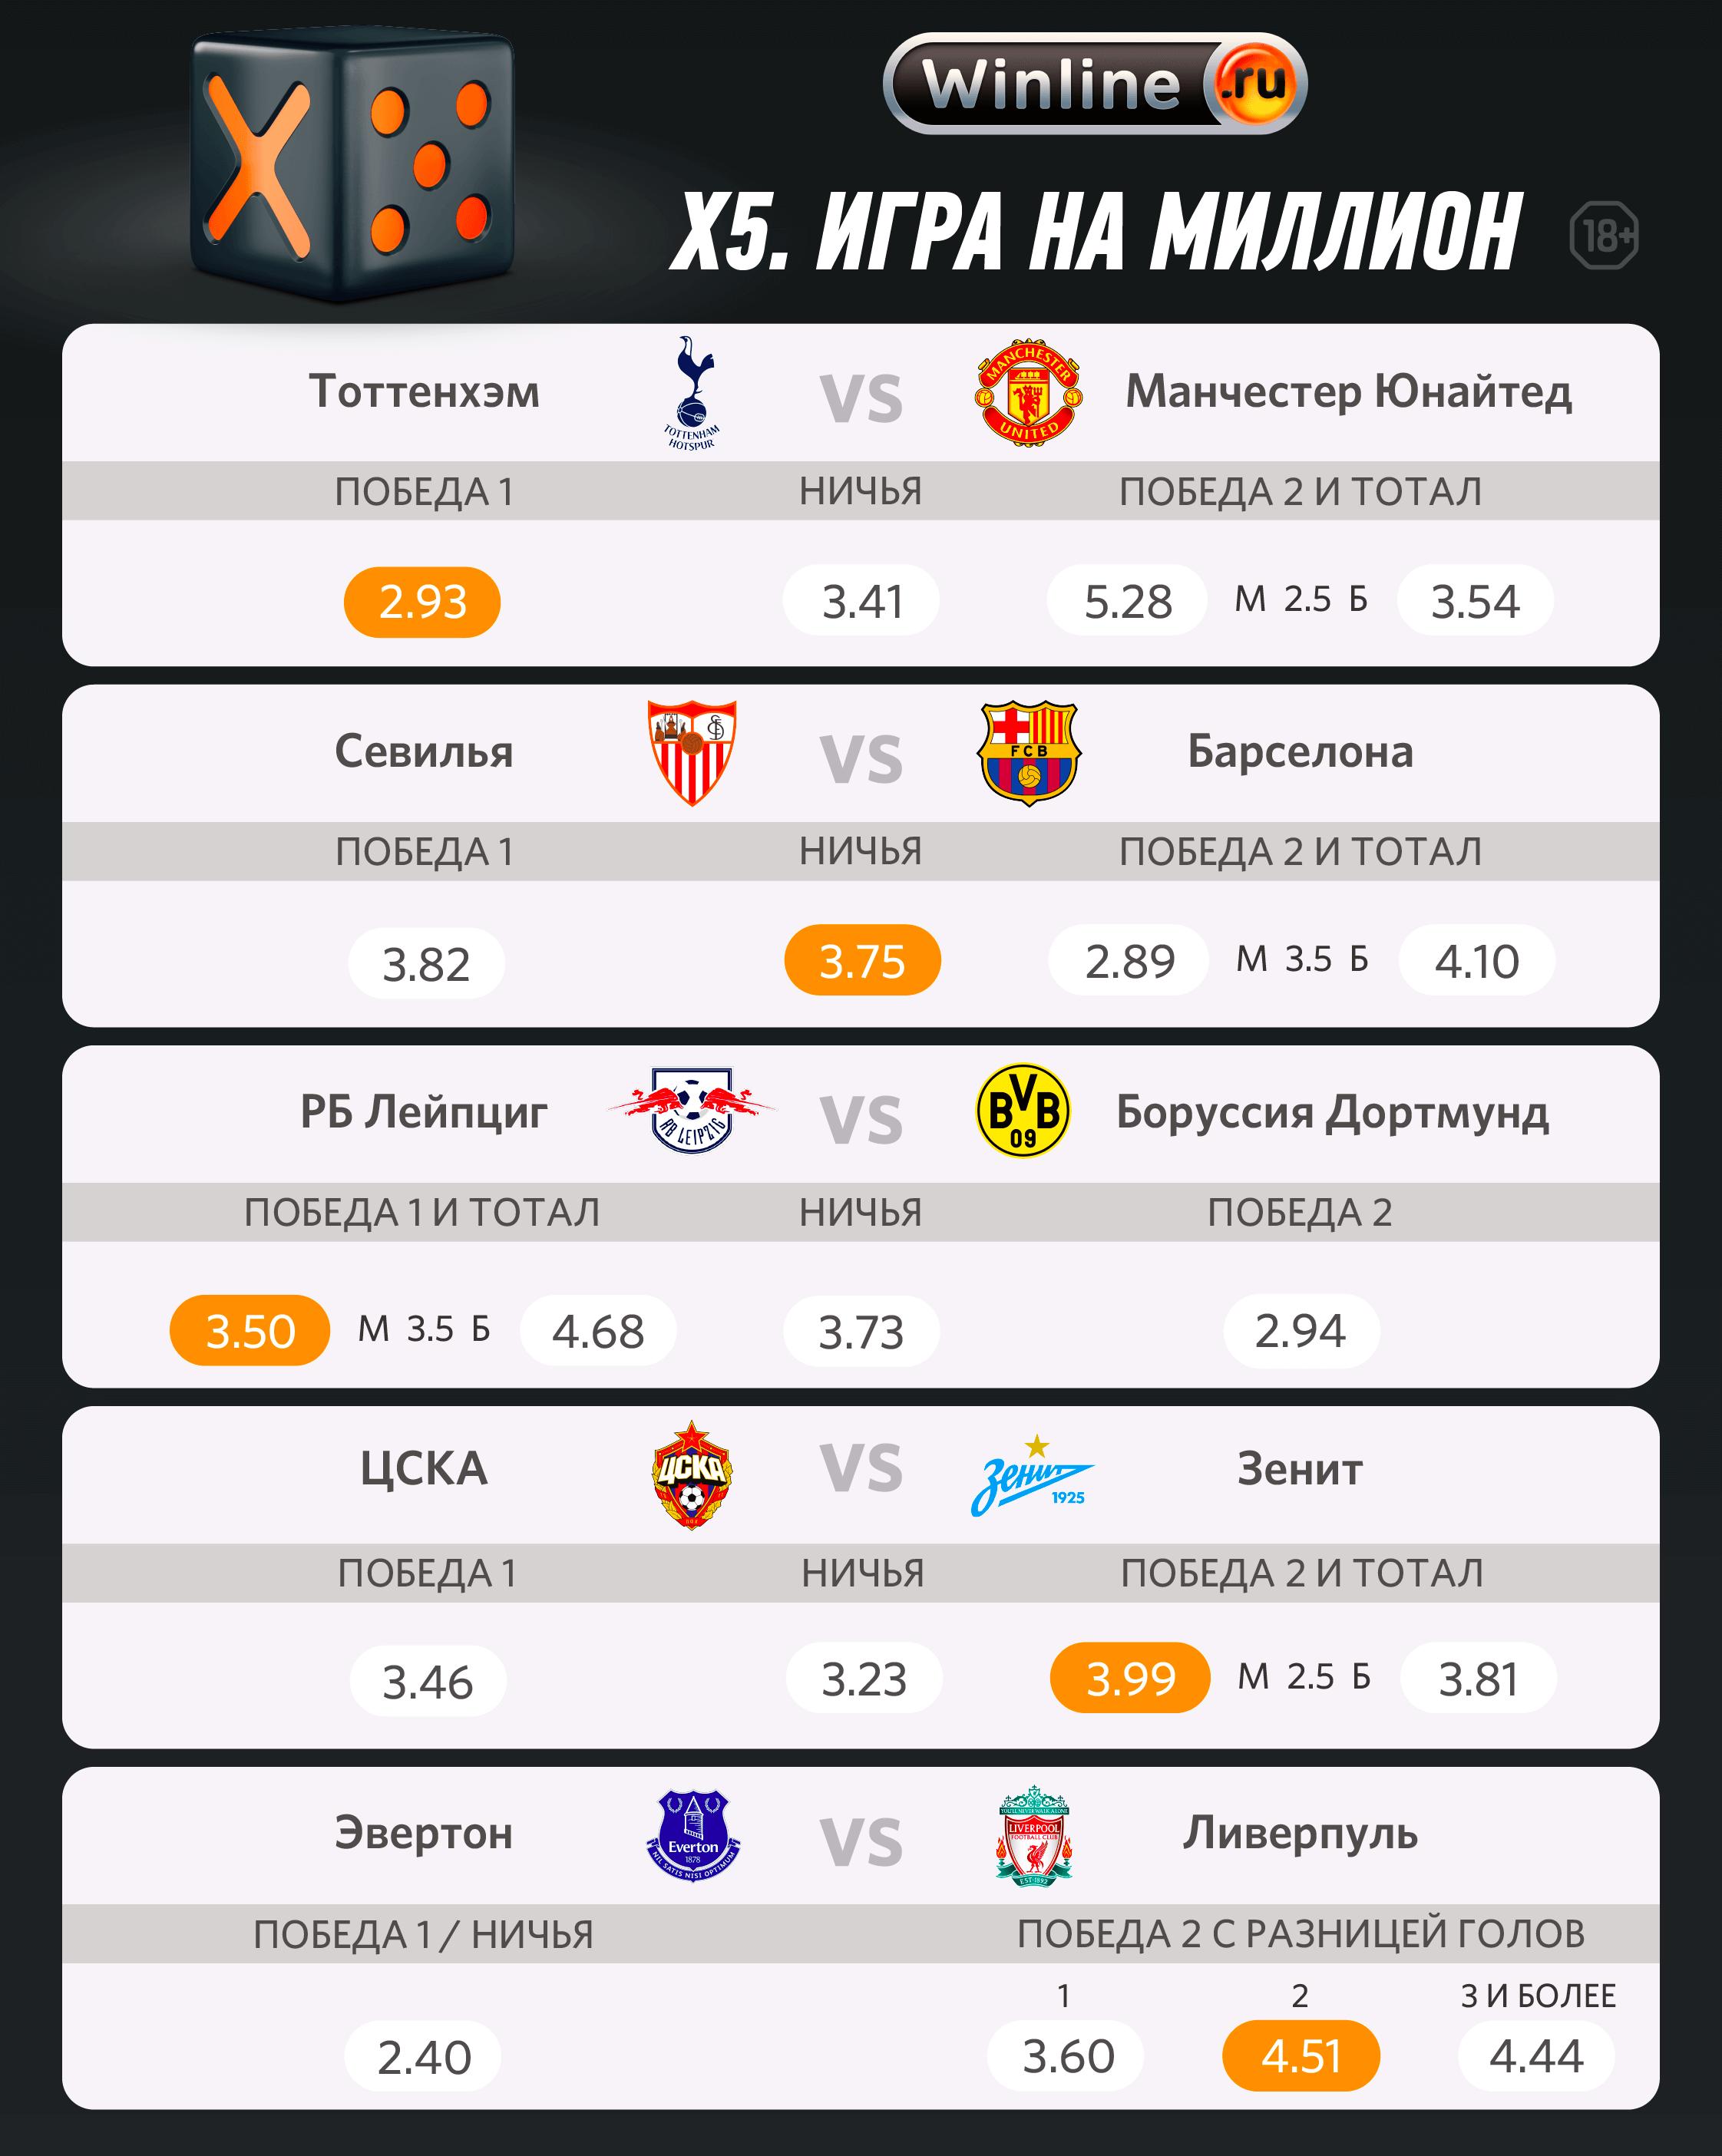 Моуринью победит Сульшера, у ЦСКА нет шансов с «Зенитом». Ваш любимый автор про фигурное катание дает прогнозы на футбол